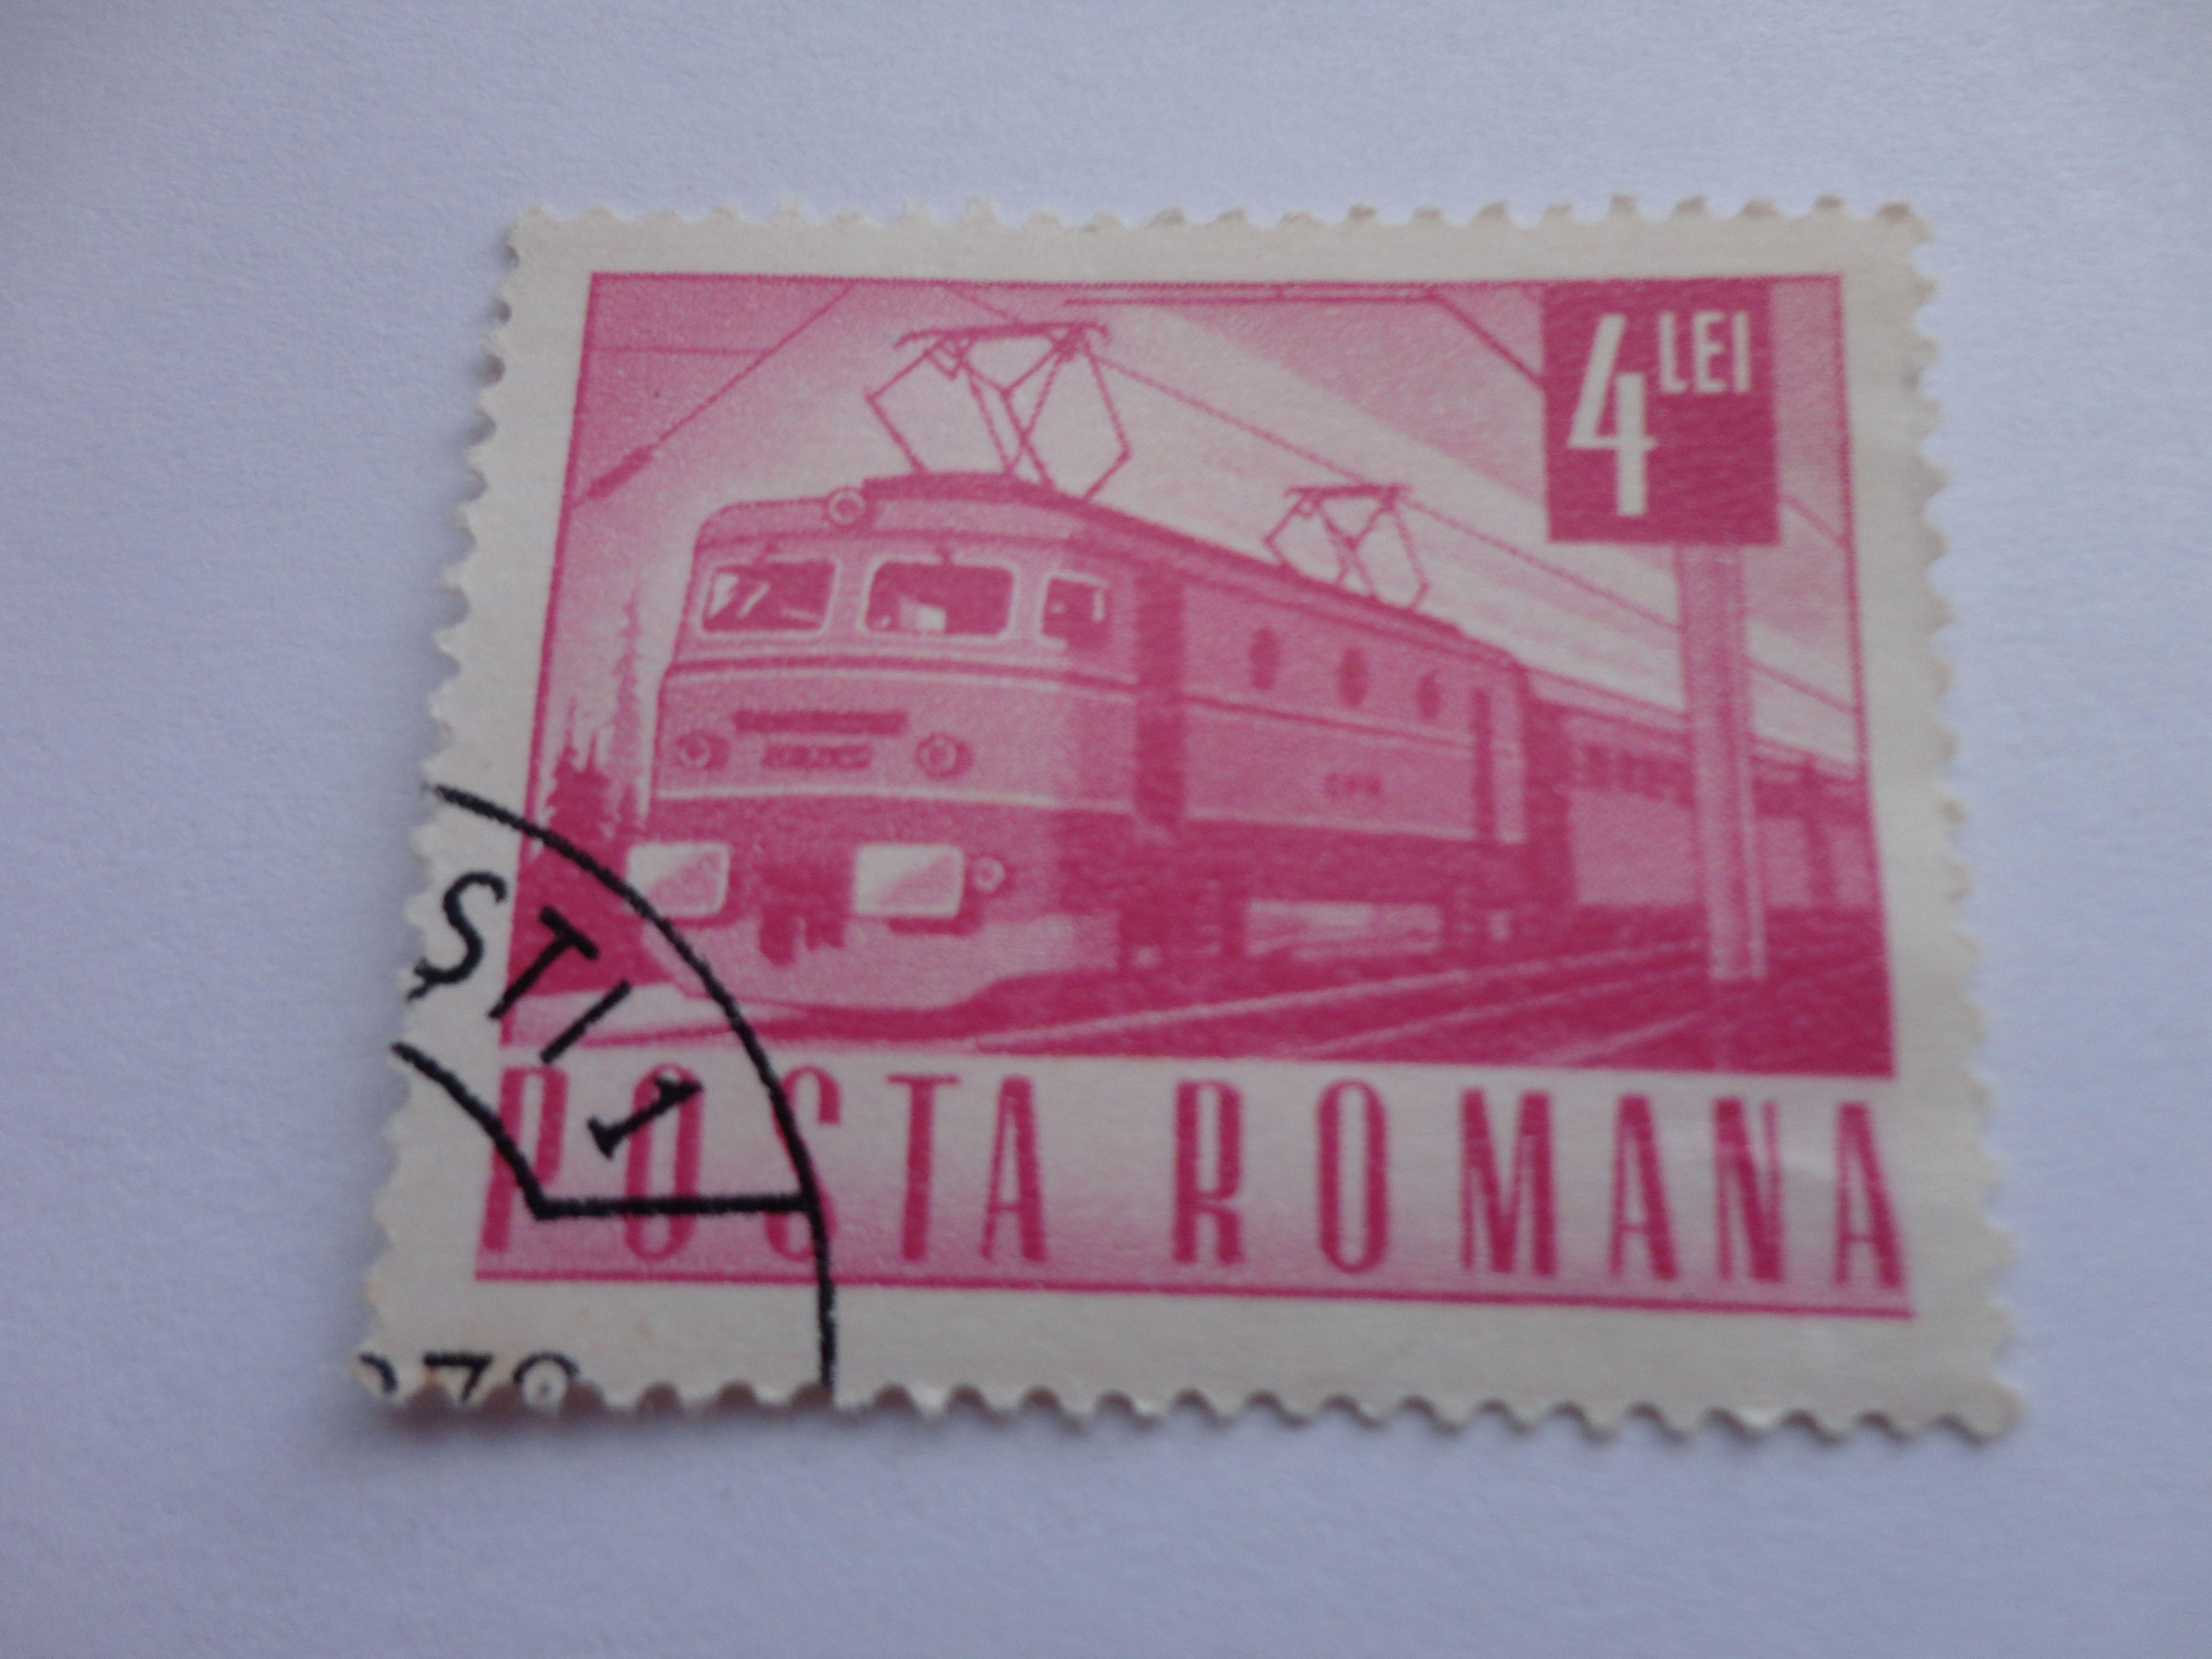 4 lei posta romana postal stamp